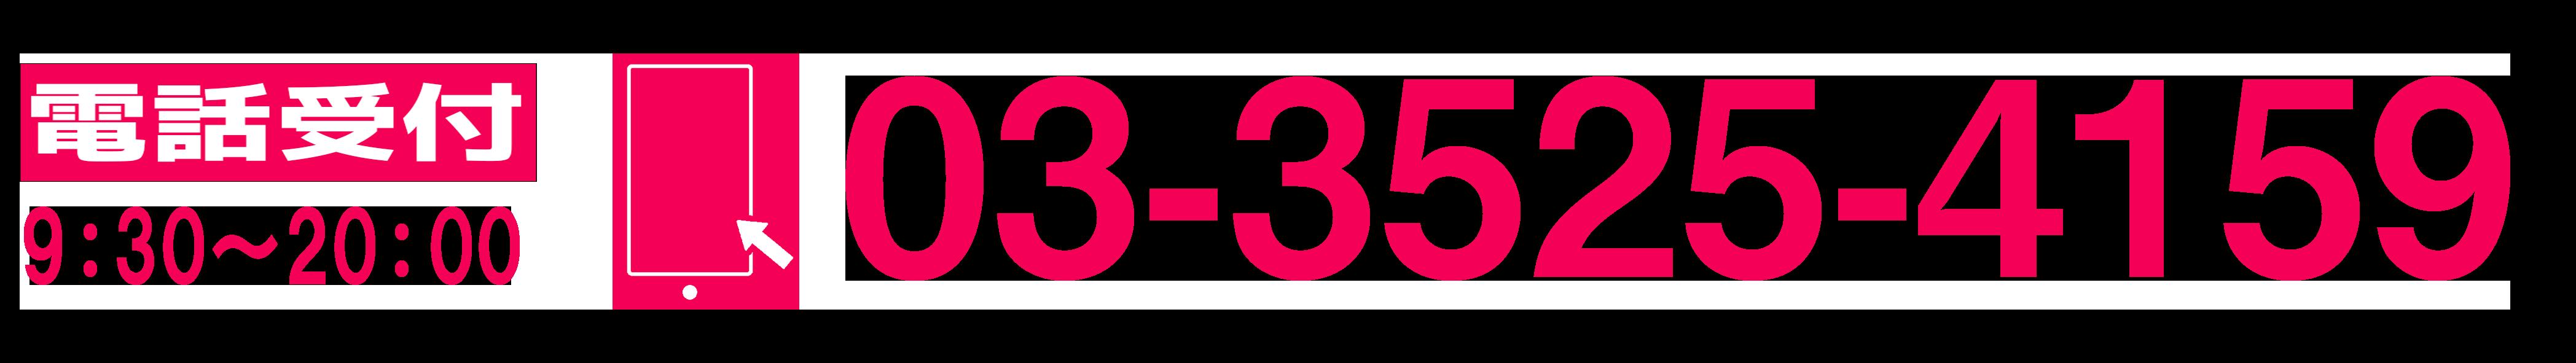 電話受付9:30〜20:00  03-5356-8405